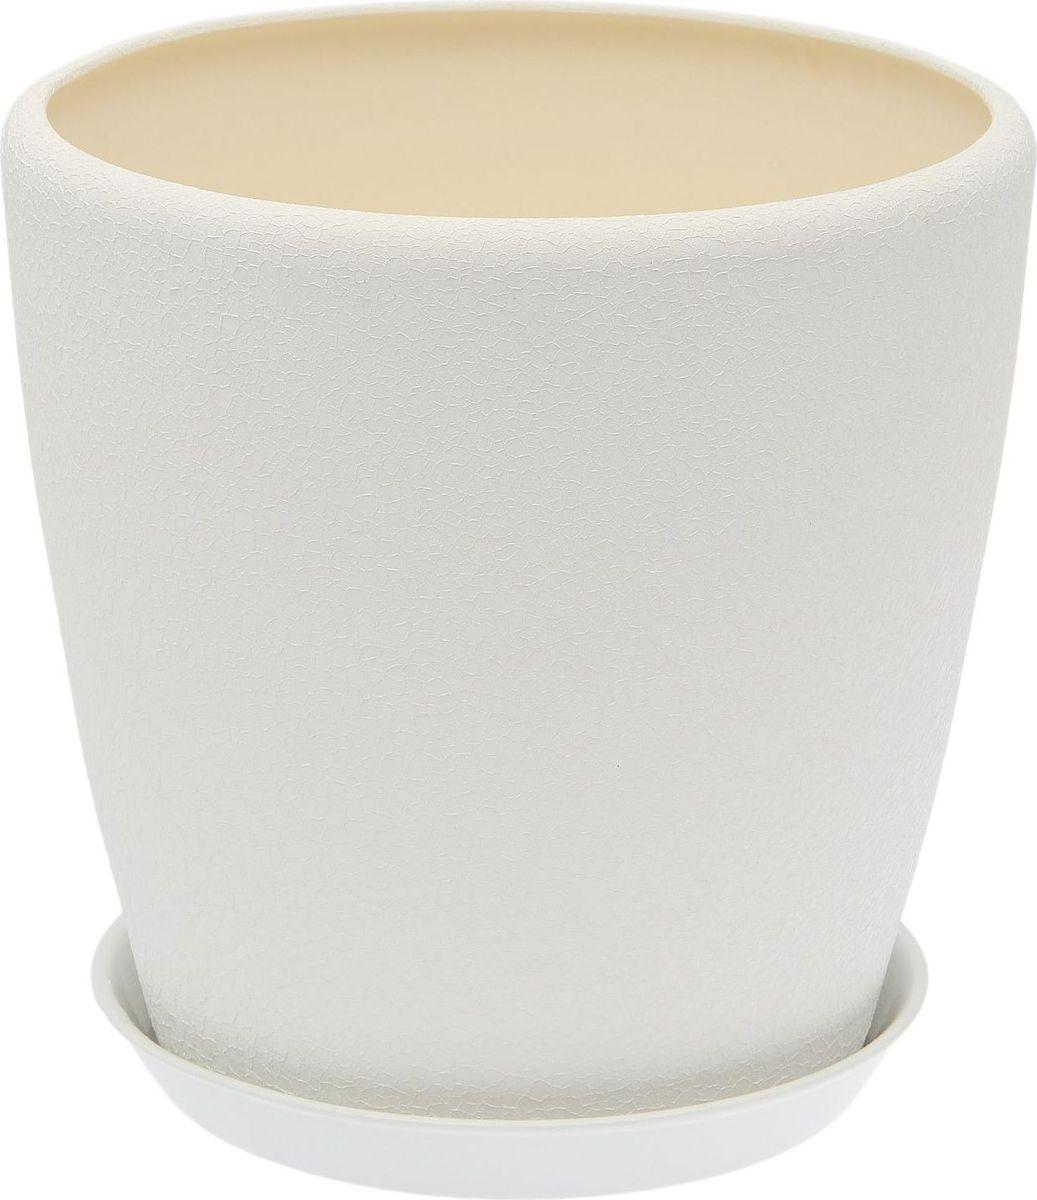 Горшок для цветов Керамика ручной работы  Грация , цвет: белый, 20 л